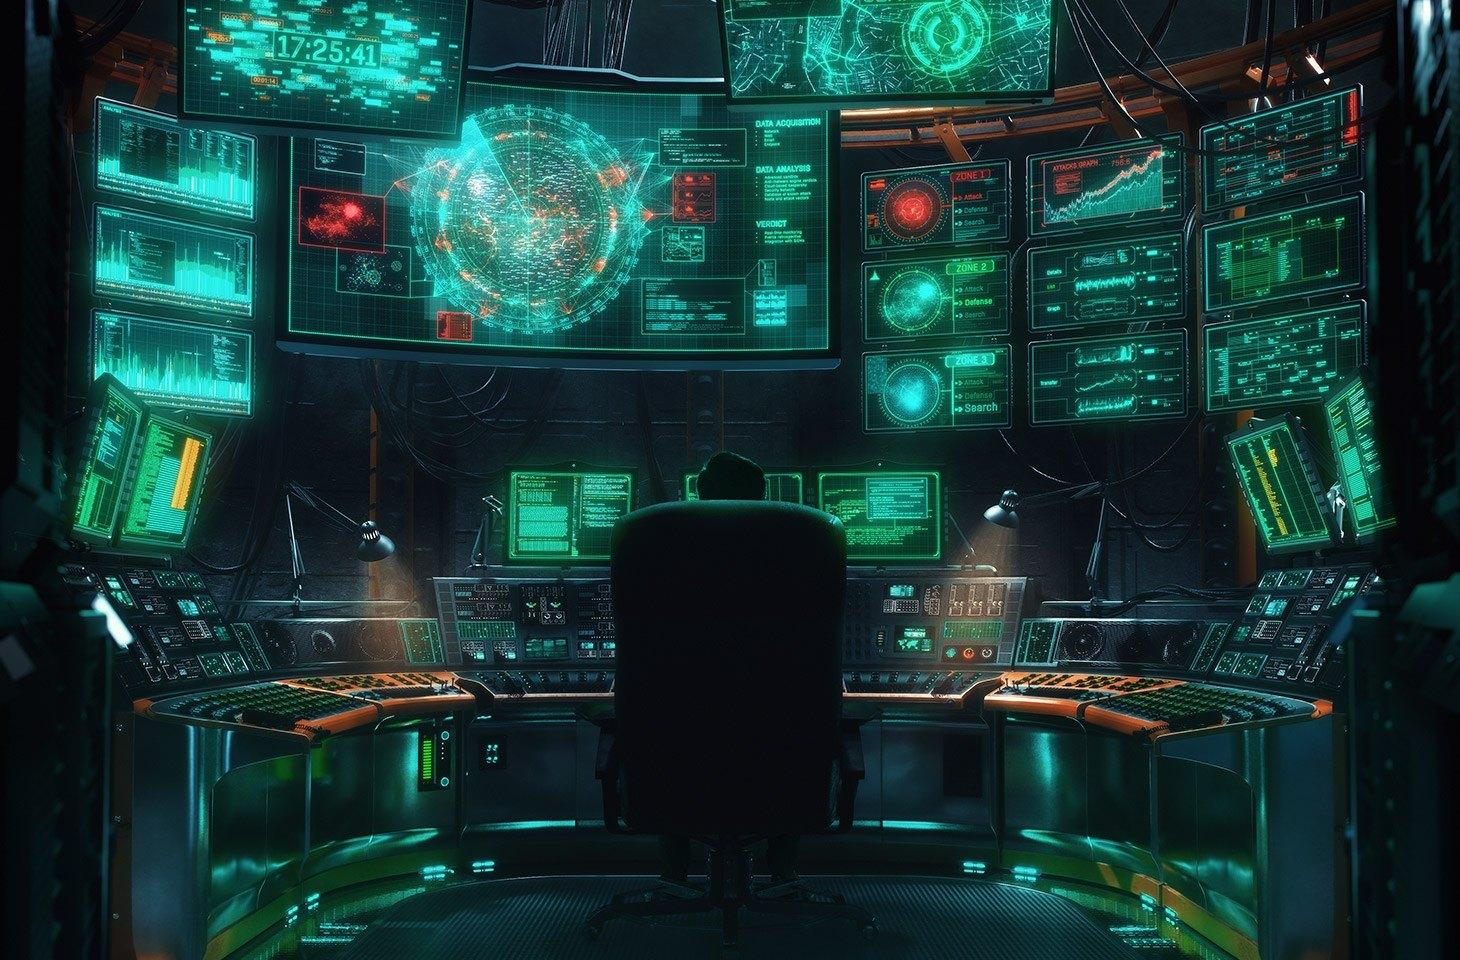 Elementele cibernetice identificate drept suspecte se dovedesc periculoase în aproape 75% din cazuri